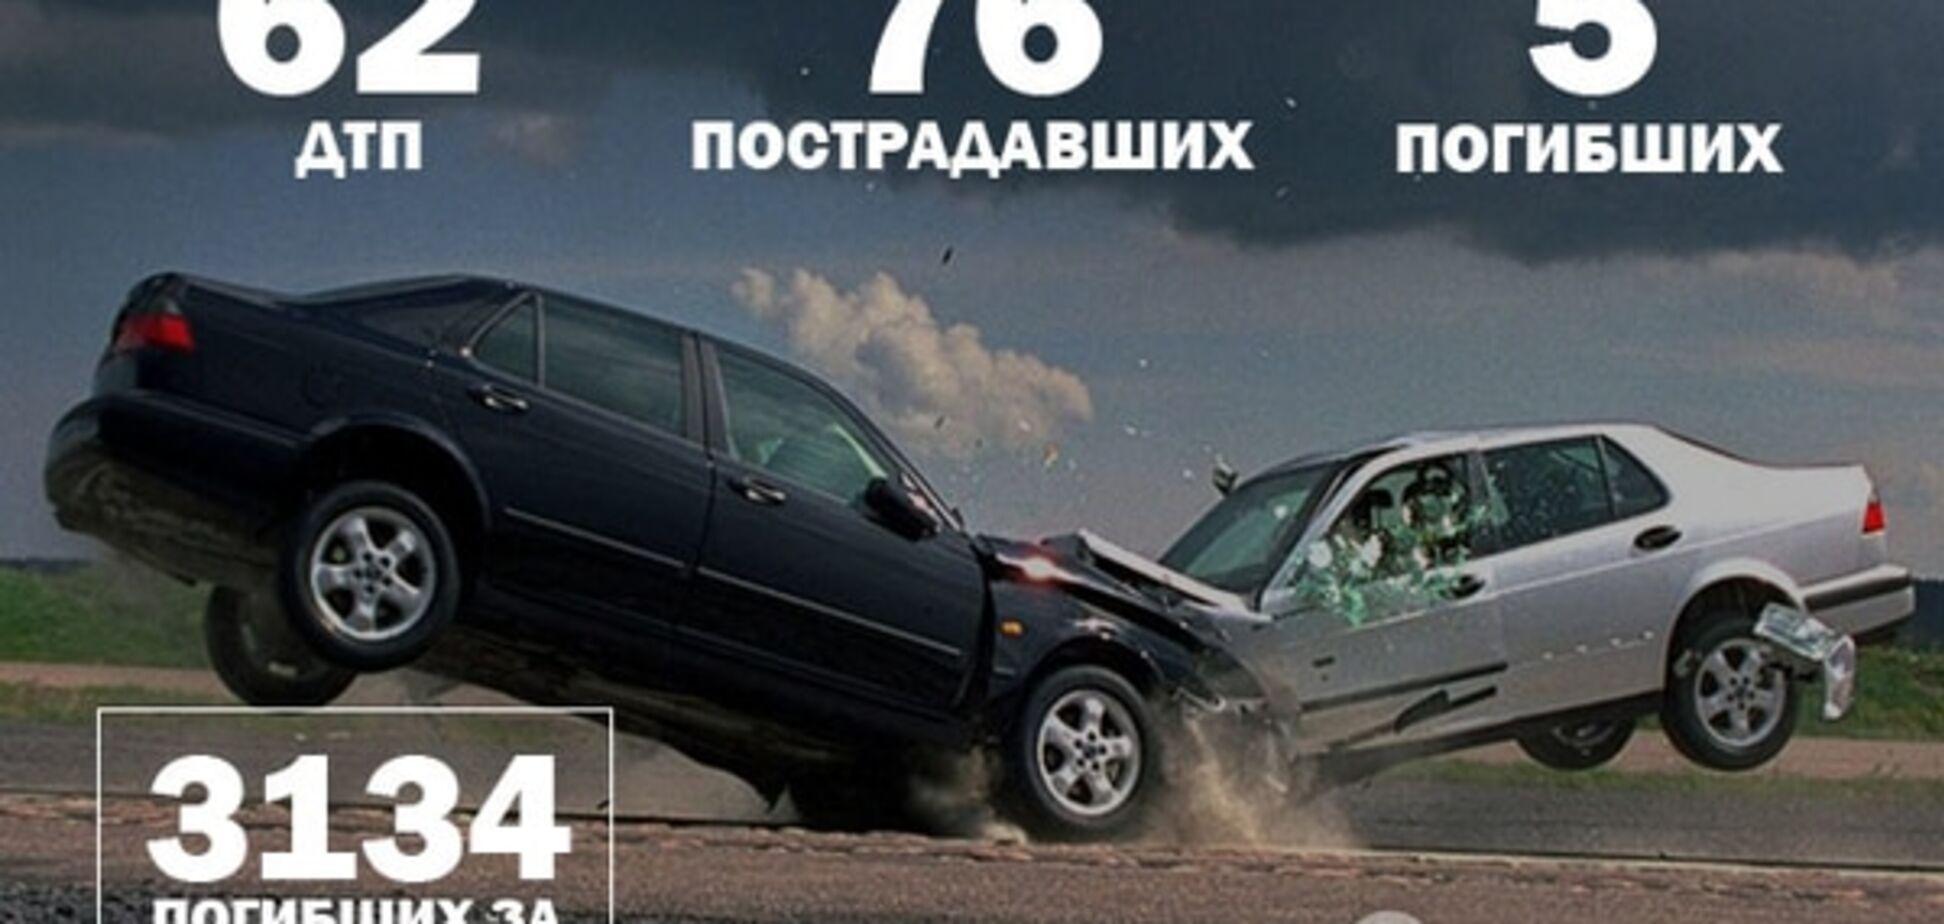 Війна на дорогах: 62 ДТП і 5 загиблих - 5 листопада 2015